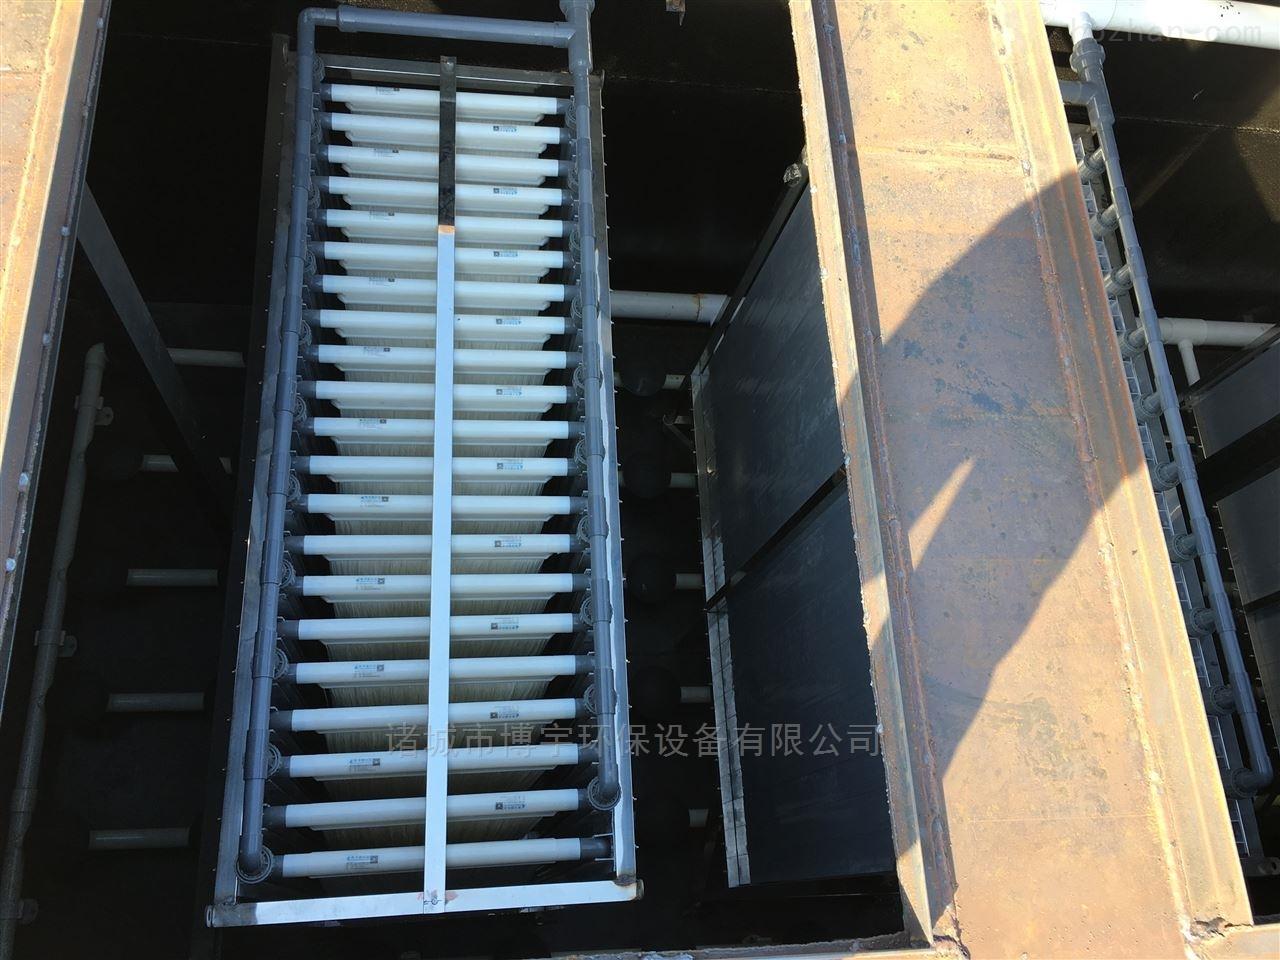 MBR膜生物反应器废水处理设备